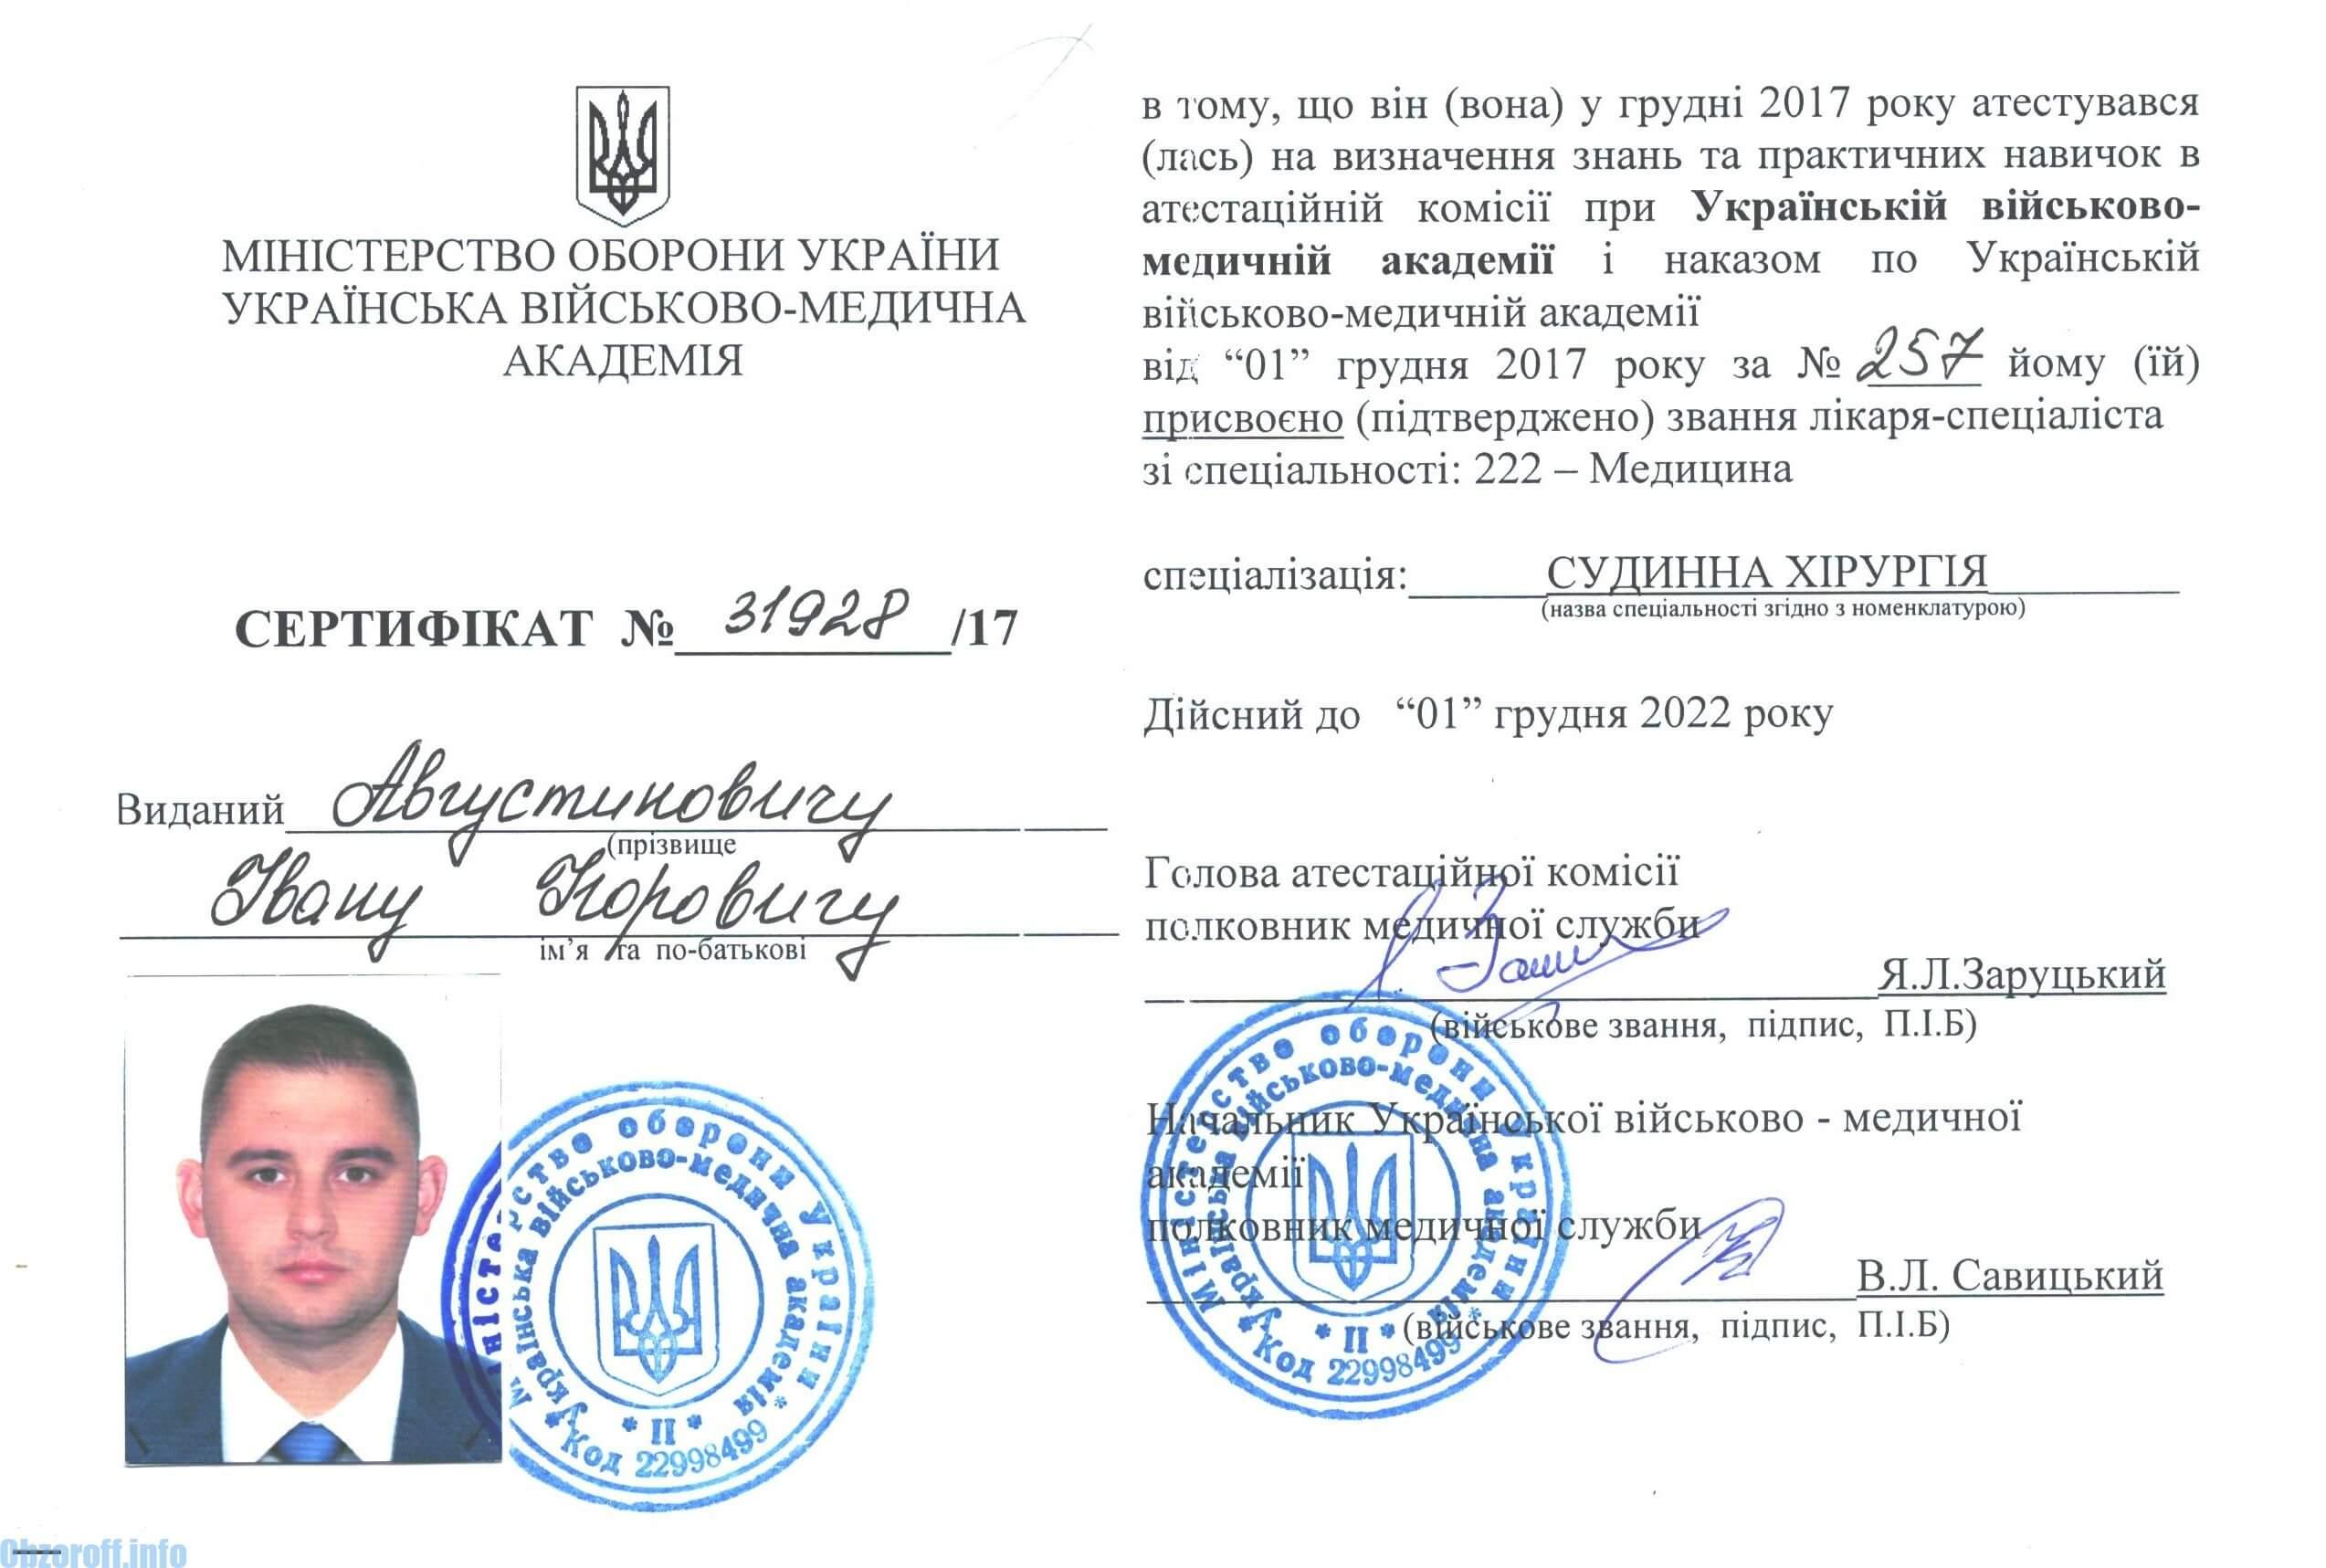 Хирургиялық практика туралы сертификат